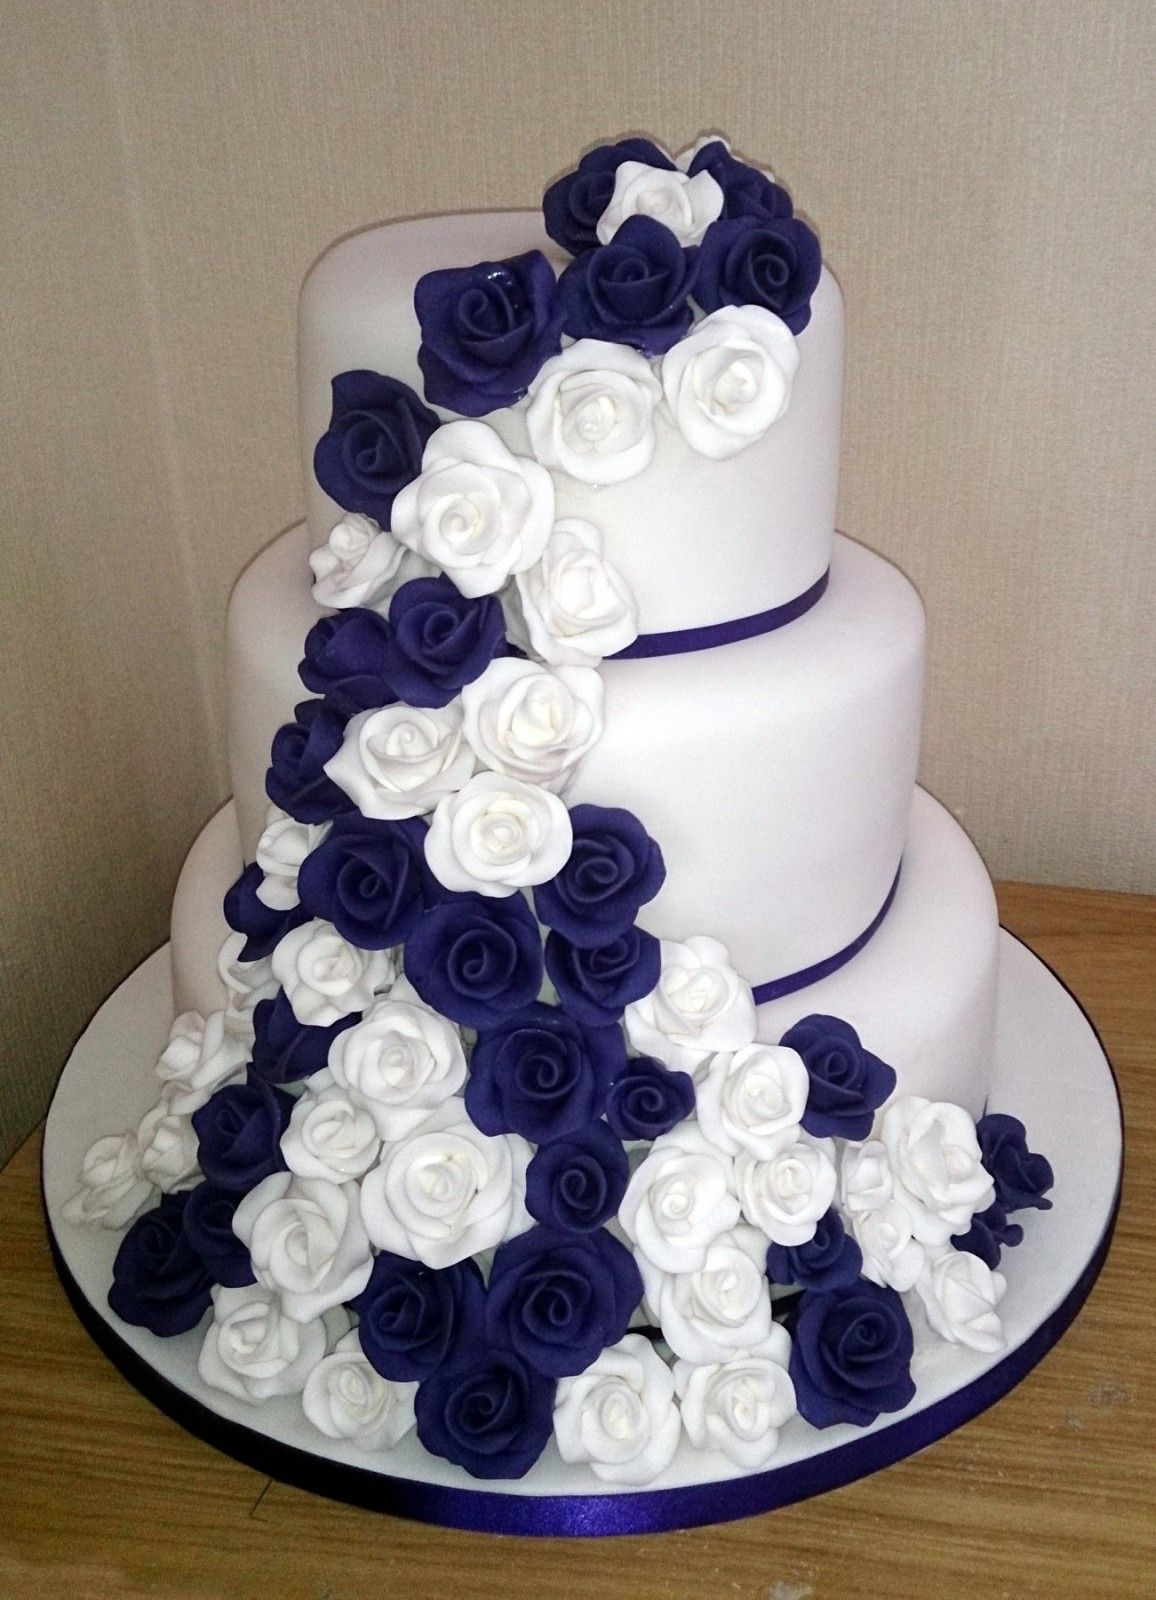 3 tier white and purple rose wedding cake | tortas ...